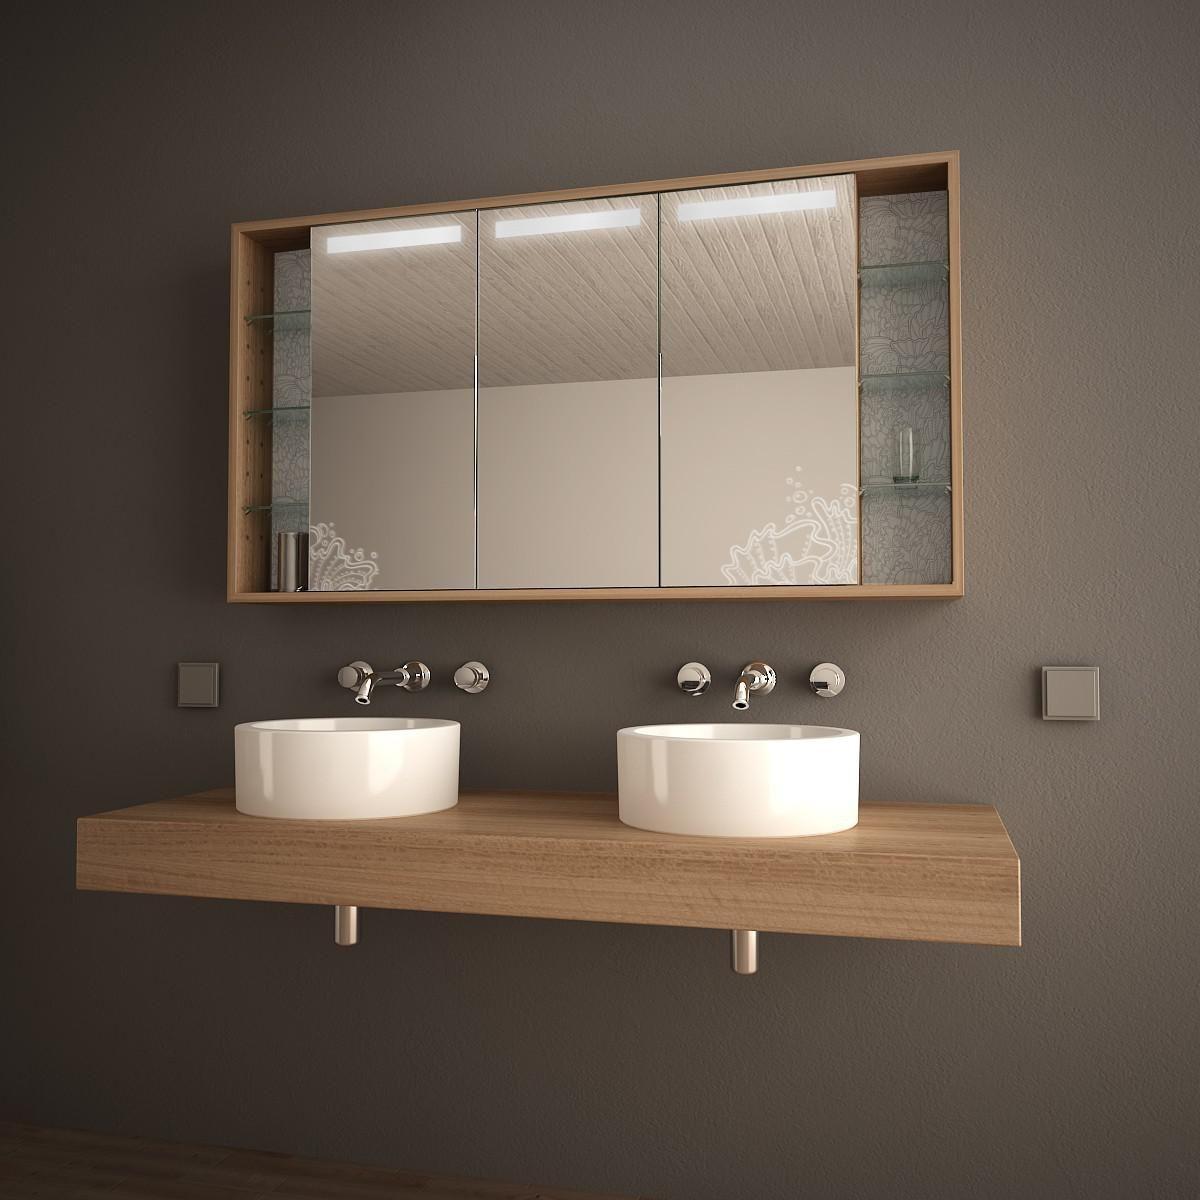 Badezimmer spiegelschrank, Mit diesen Ideen und Tipps kommt euer ...